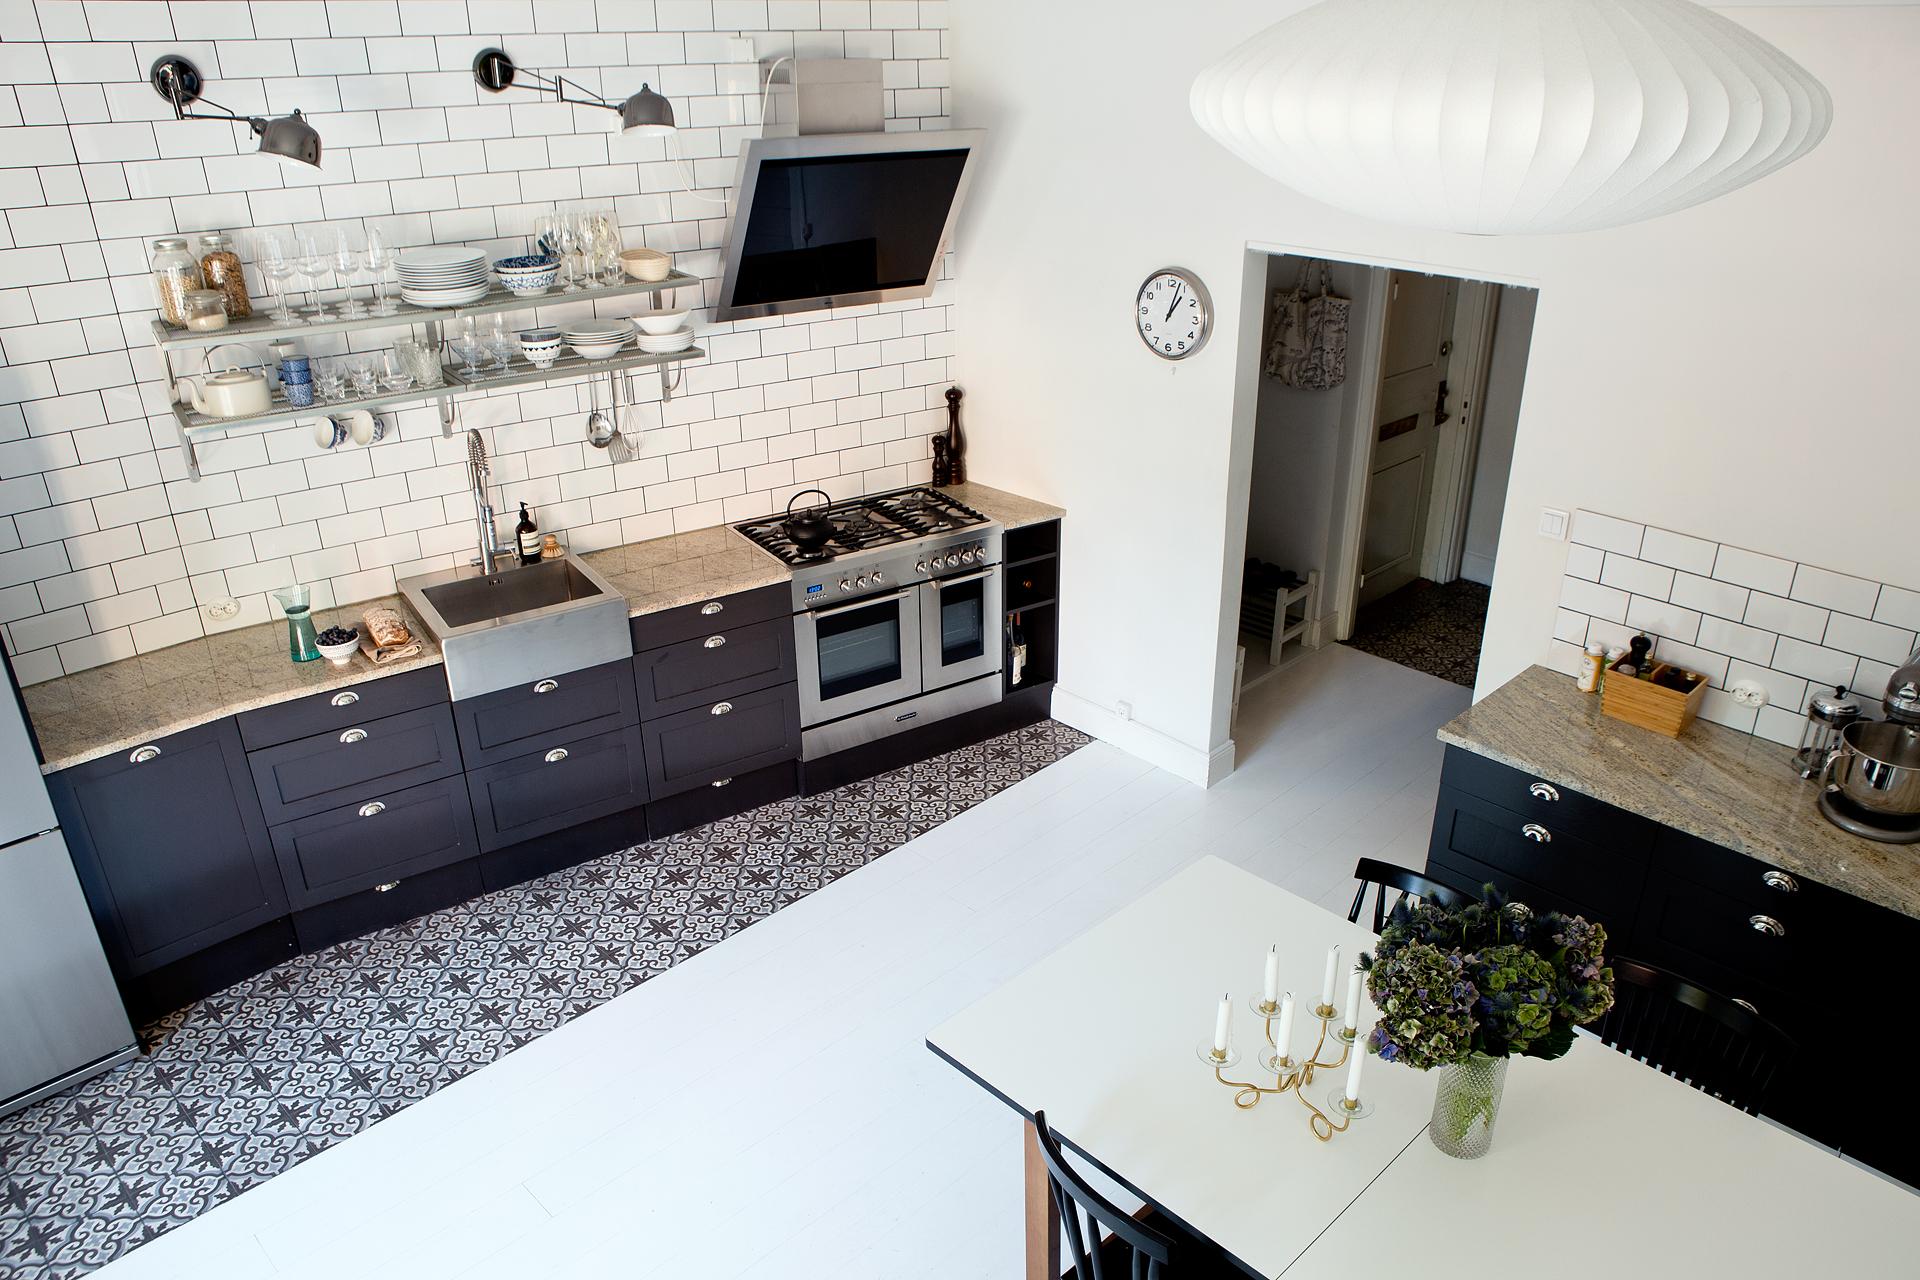 Bekend Mooie keuken uit Zweden | Inrichting-huis.com CN76